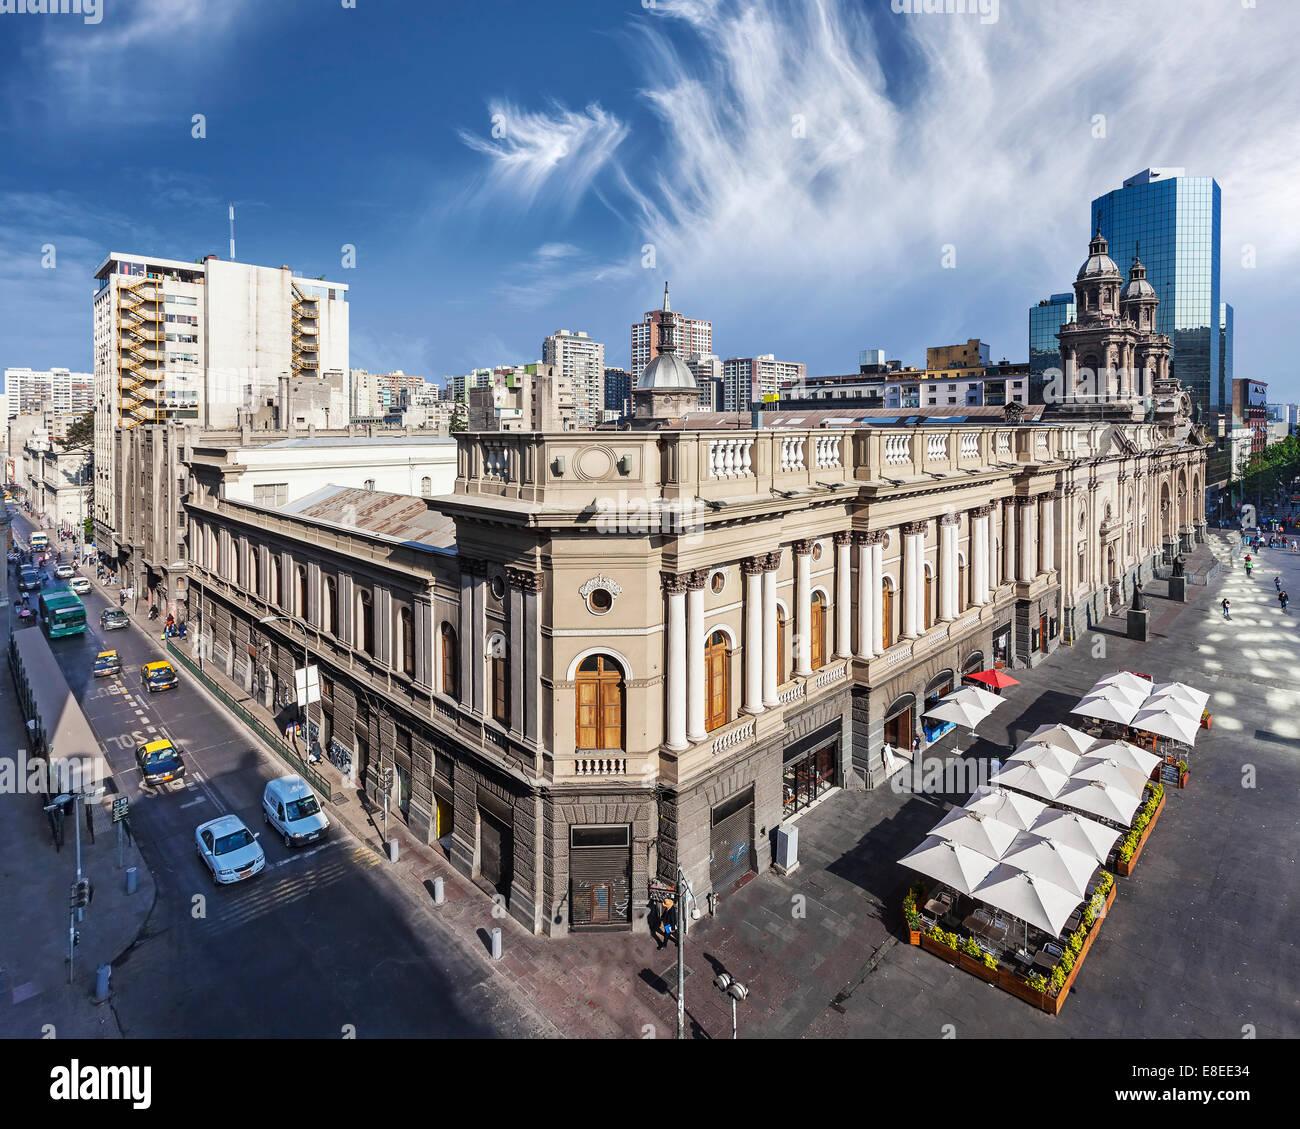 Santiago de Chile Innenstadt, gemischt moderne Wolkenkratzer mit historischen Gebäuden, Chile. Stockbild